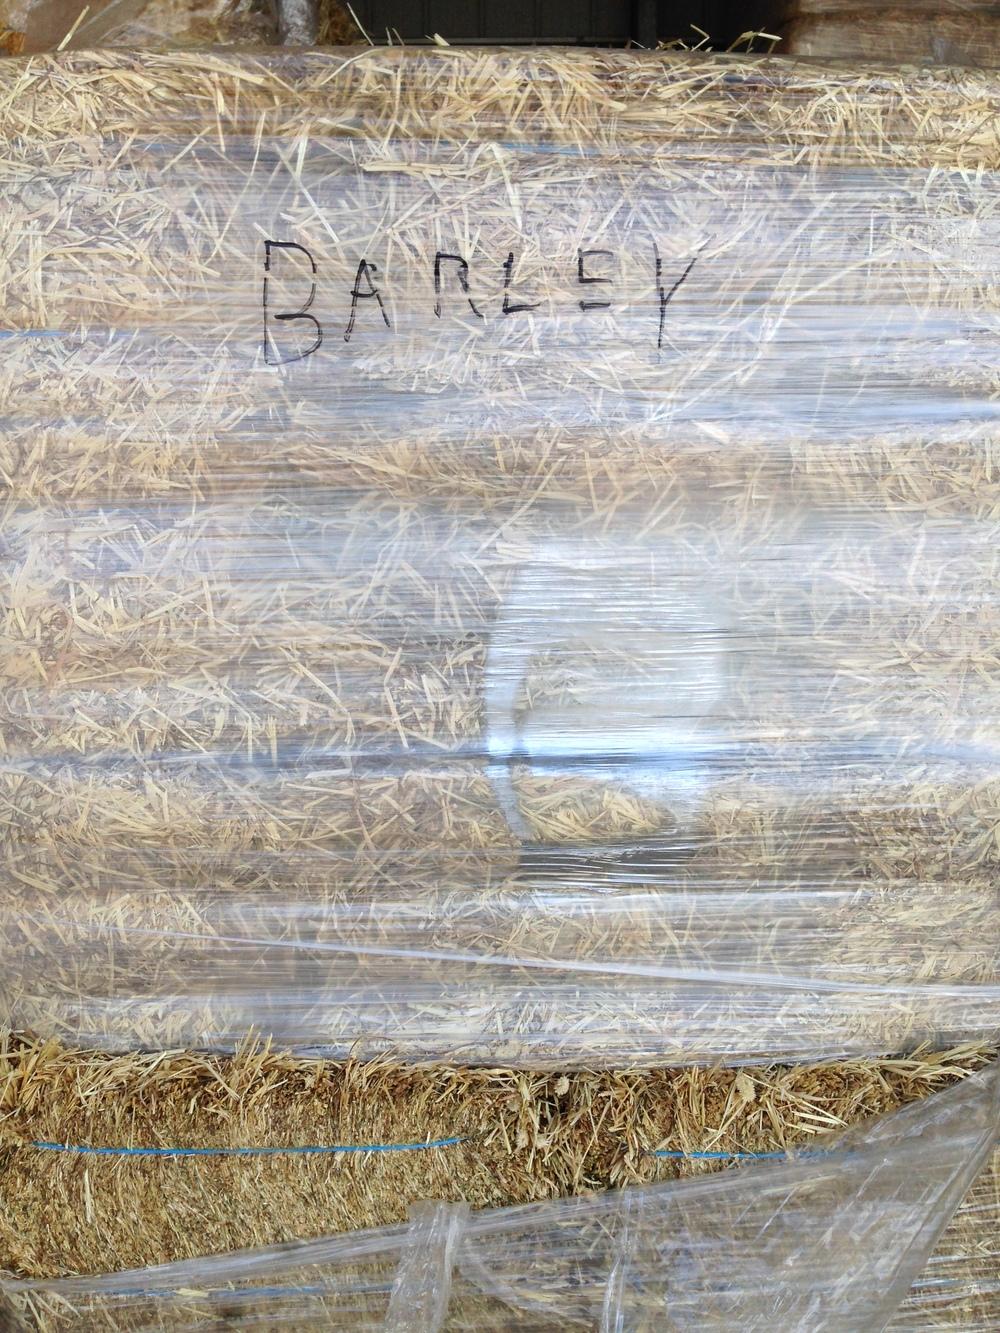 barley (7).JPG